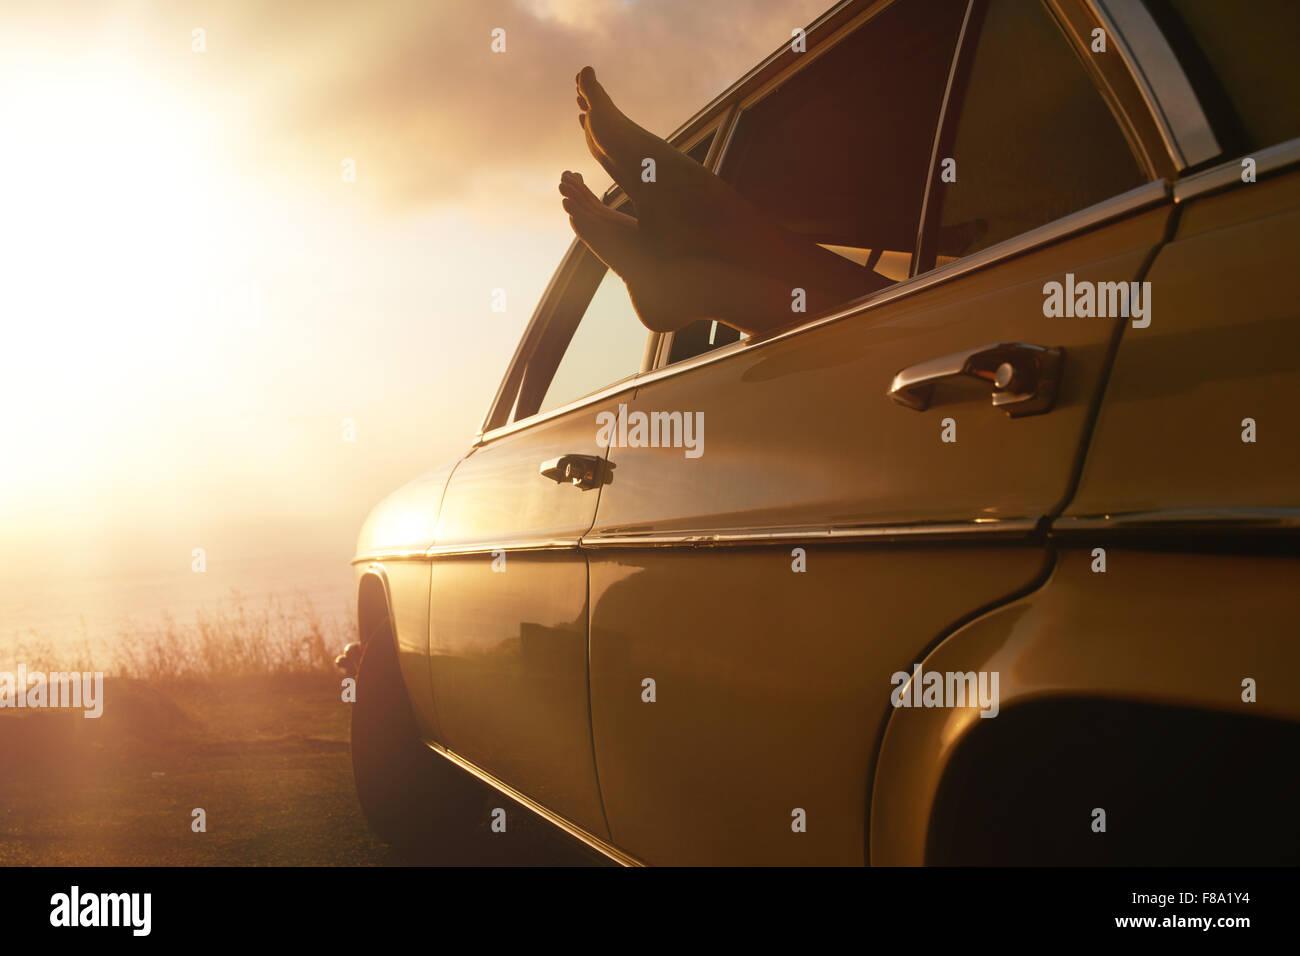 Colpo di donna rilassante in un auto in viaggio. I piedi femminili appeso fuori della finestra del veicolo al tramonto. Immagini Stock